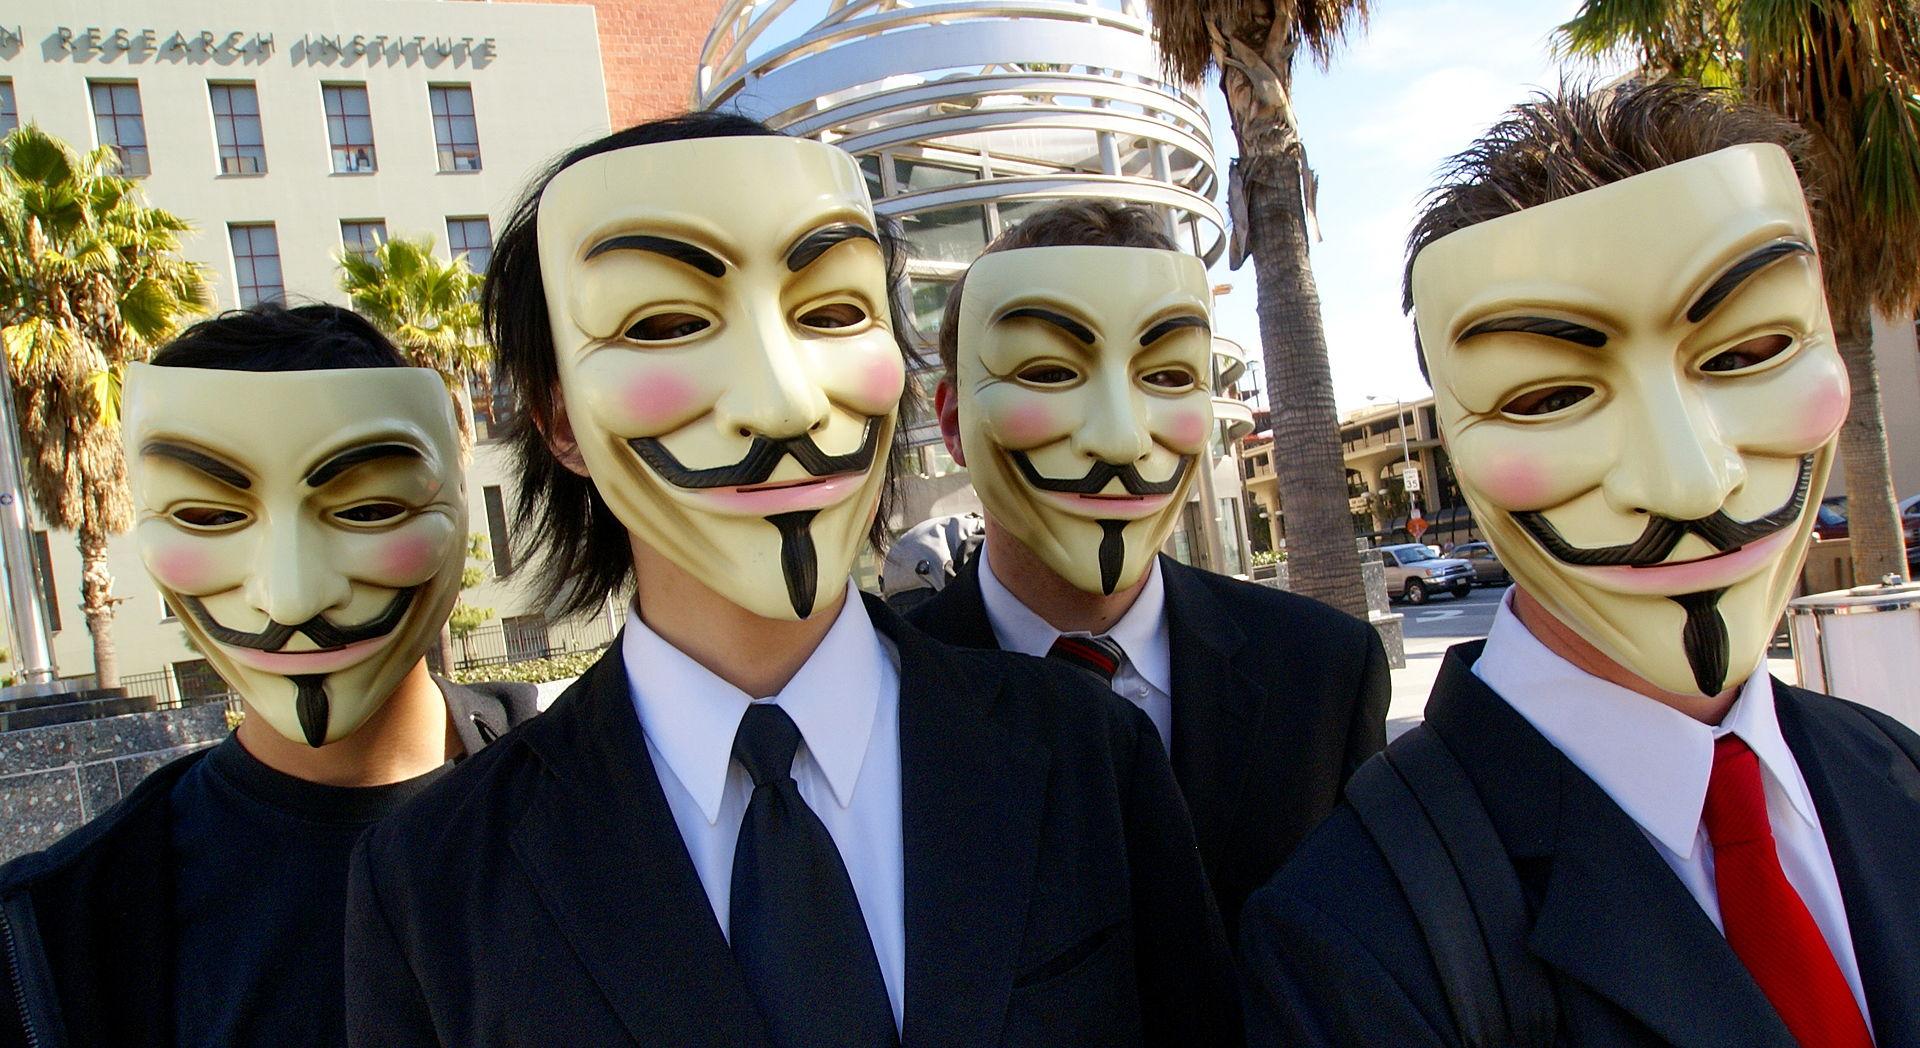 リオ五輪に反対してサイバー攻撃を仕掛けたハッカー集団「アノニマス」って一体何者!?